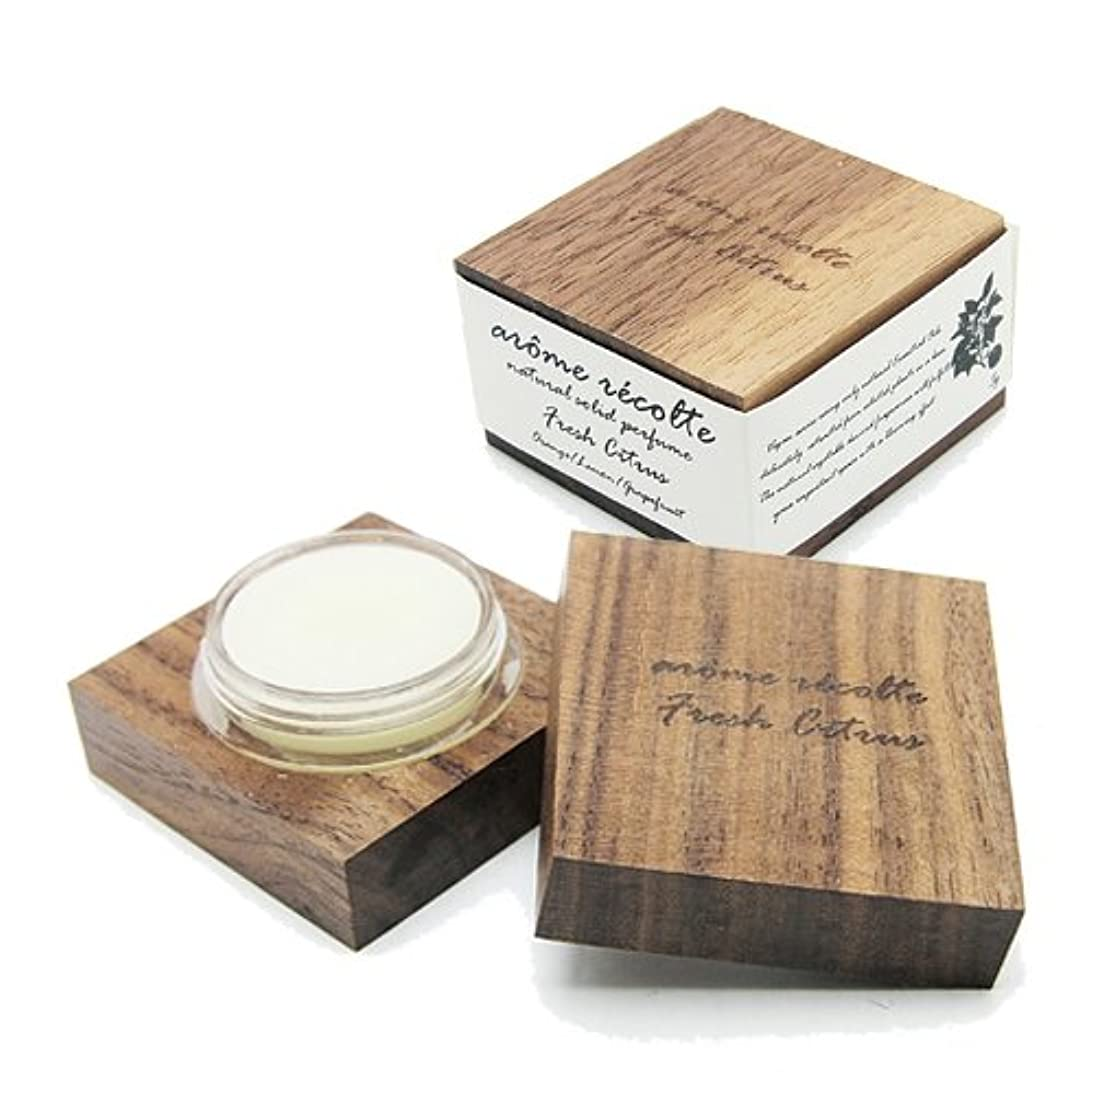 労働姉妹銅アロマレコルト ナチュラル ソリッドパフューム フレッシュシトラス Fresh Citurs arome recolte 練り香水